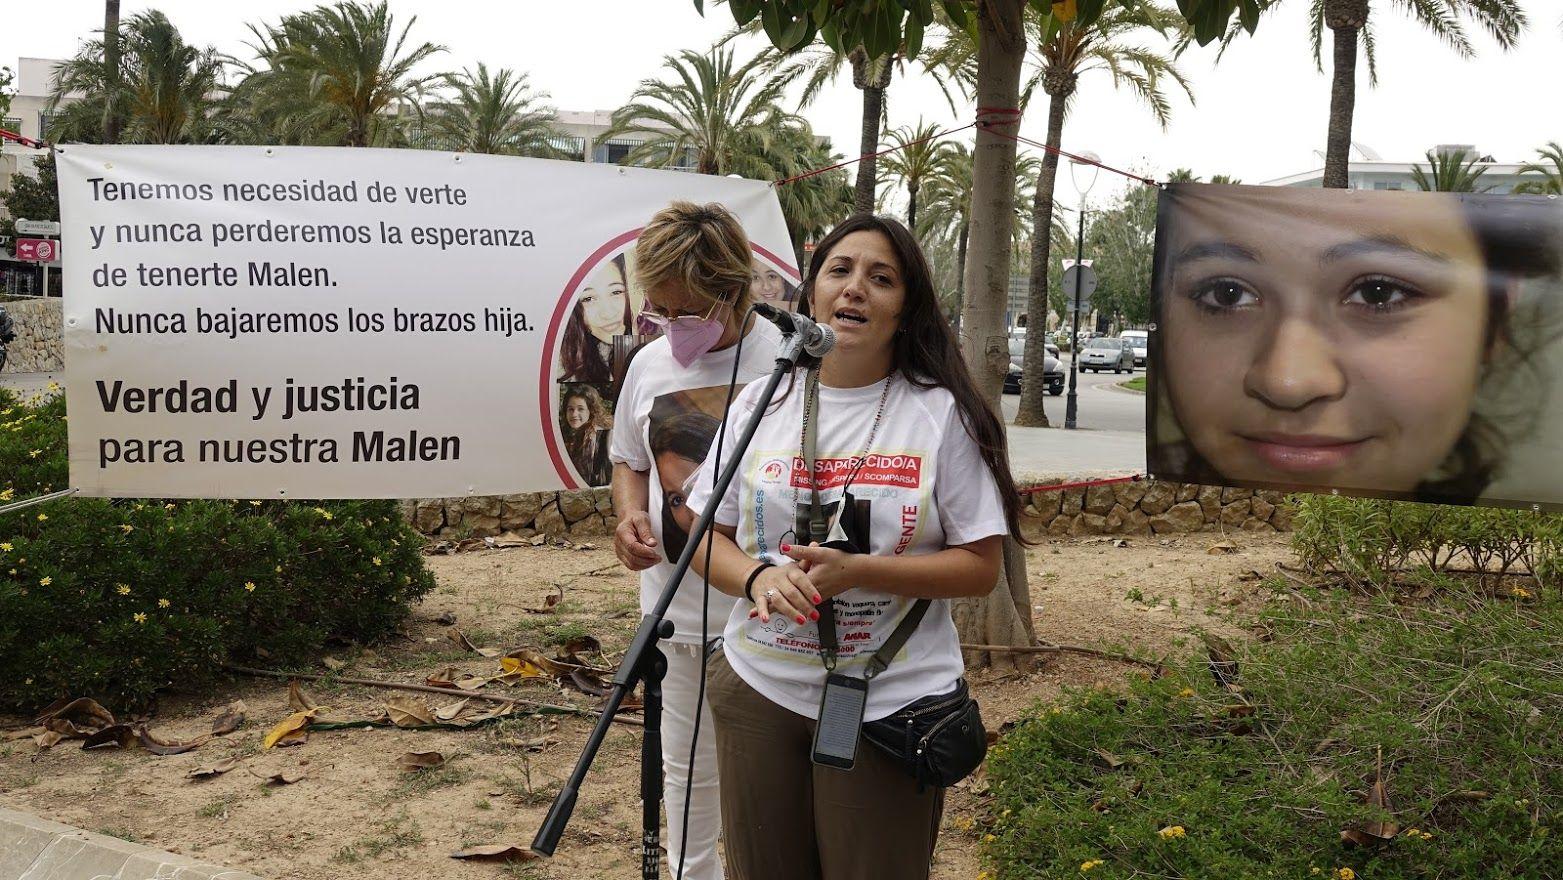 """La madre de Malén: """"Estoy desilusionada con la investigación"""""""